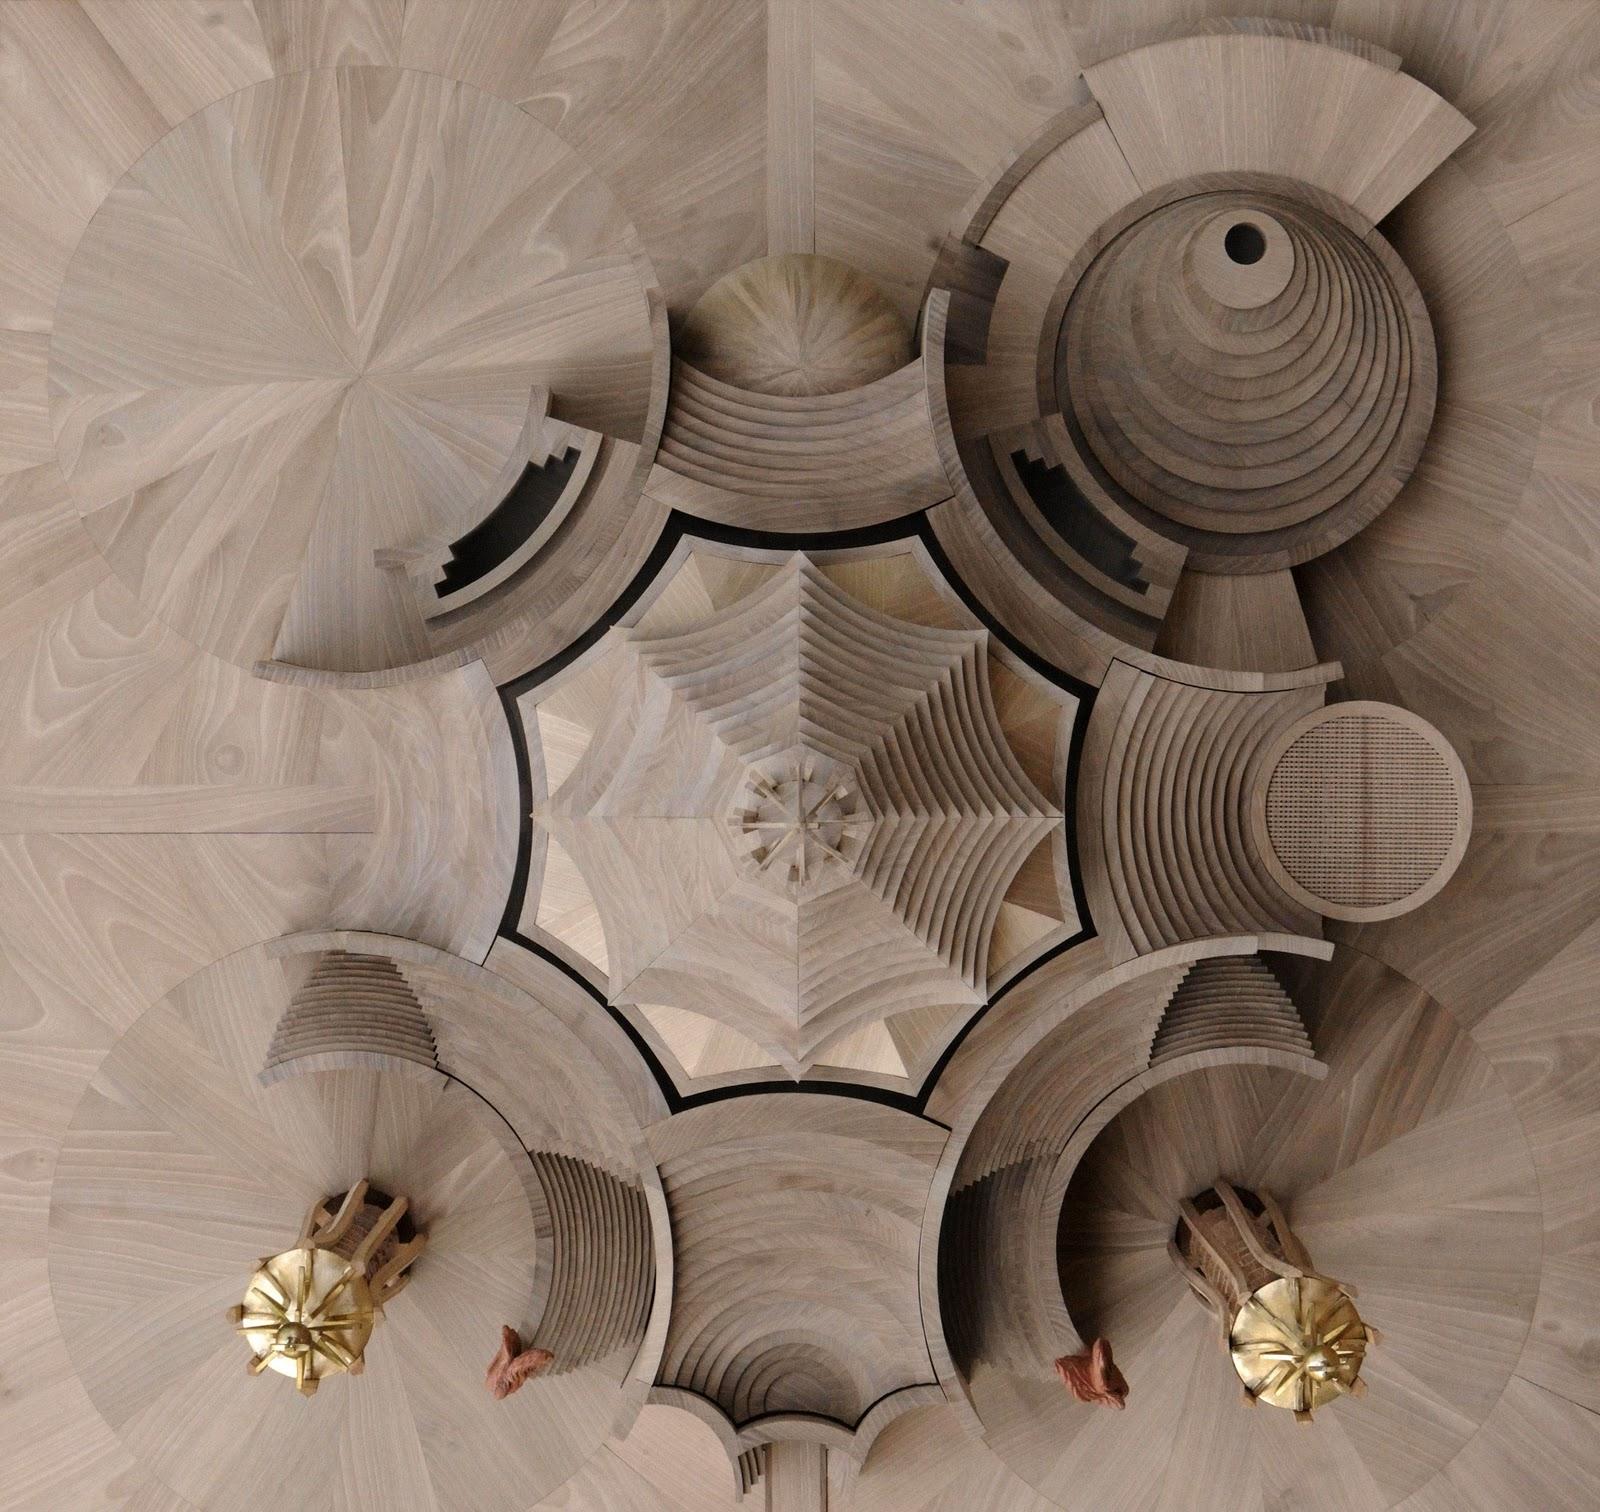 Изображение структуры пространства в виде окружностей